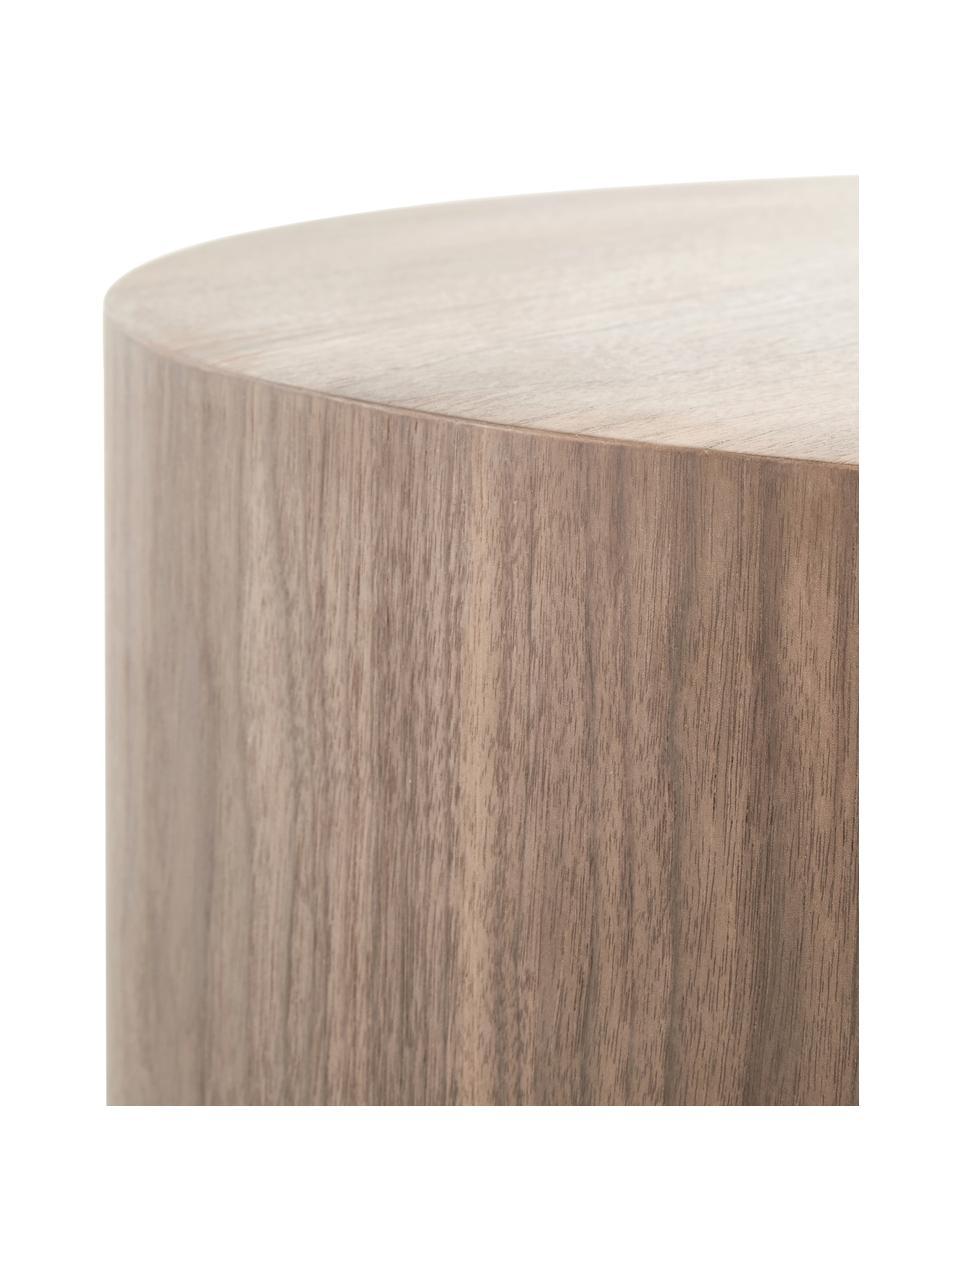 Ronde bijzettafel Clarice in walnootkleur, Frame: MDF met walnoothoutfineer, Voet: gecoat metaal, Walnoothoutfineer, Ø 40 x H 50 cm